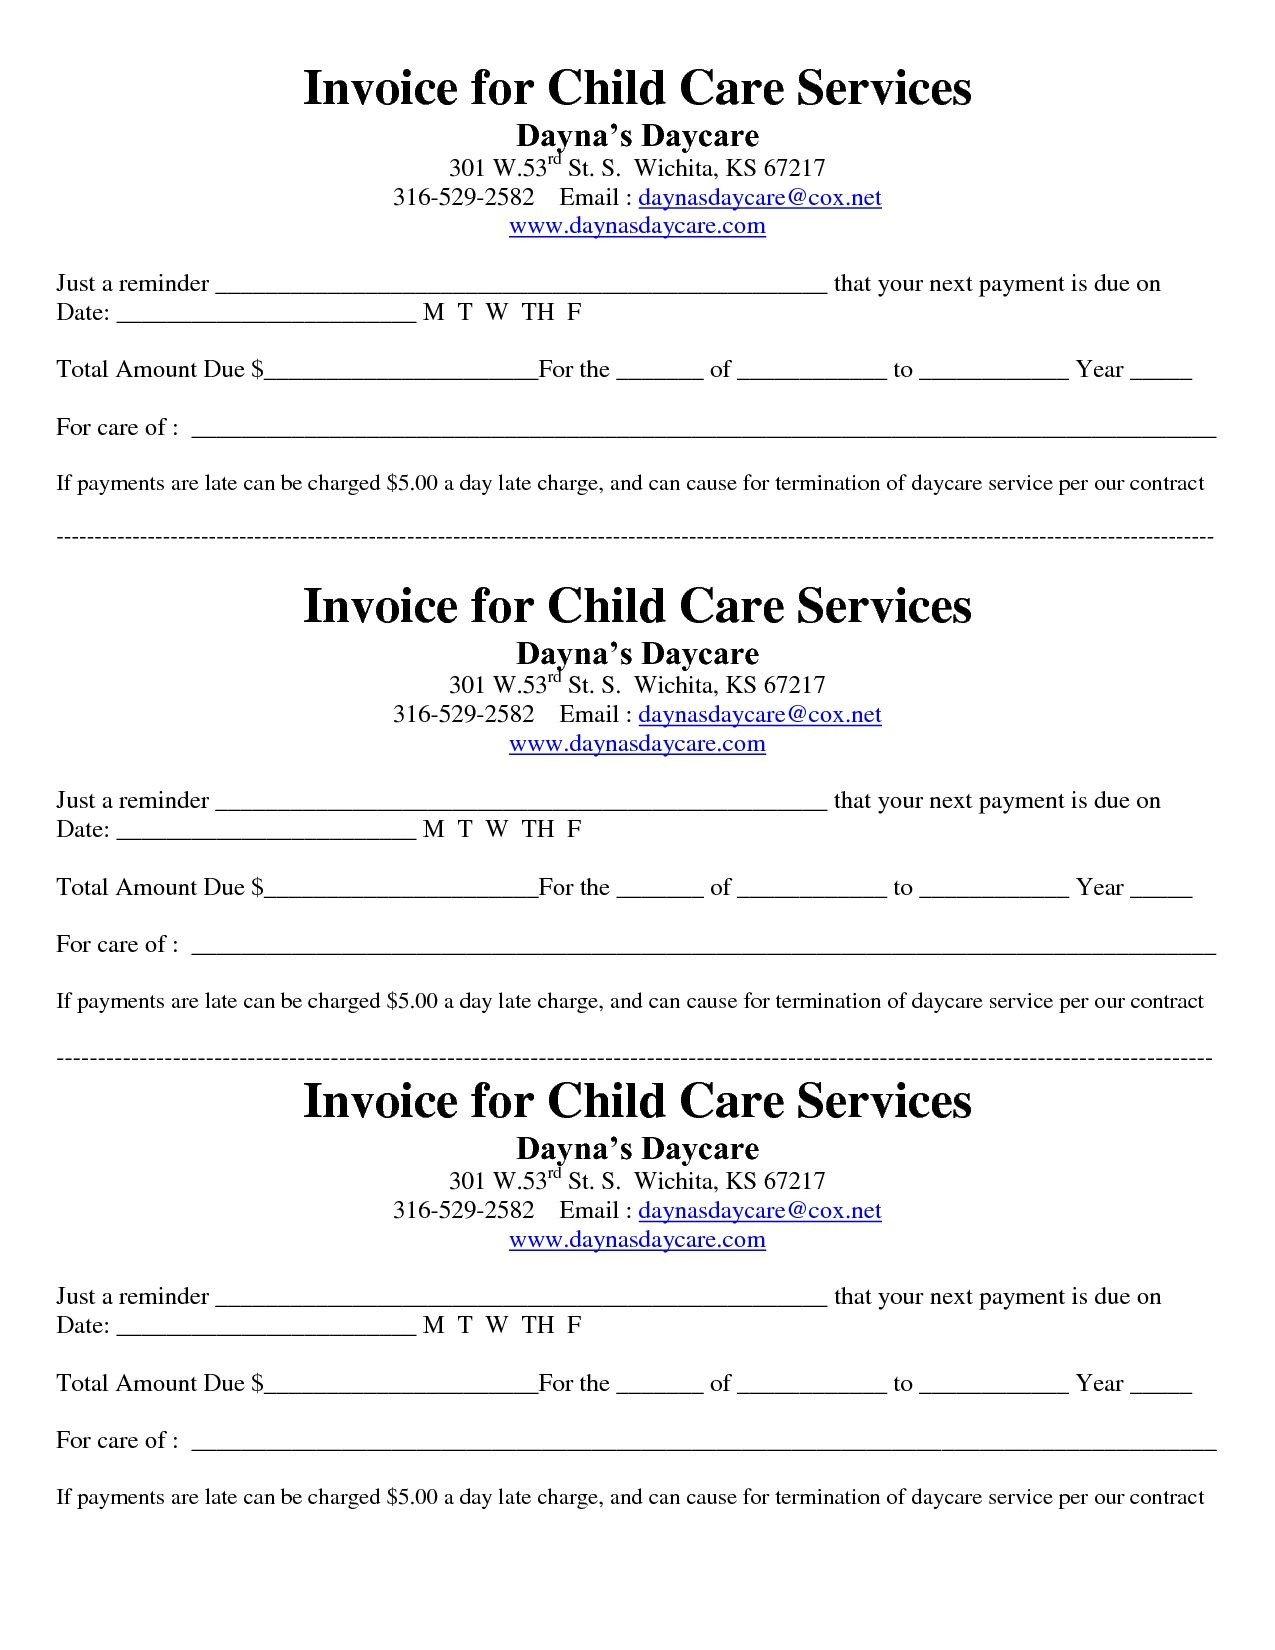 Child Care Receipt Template Child Care Receipt Invoice Jordi Preschool